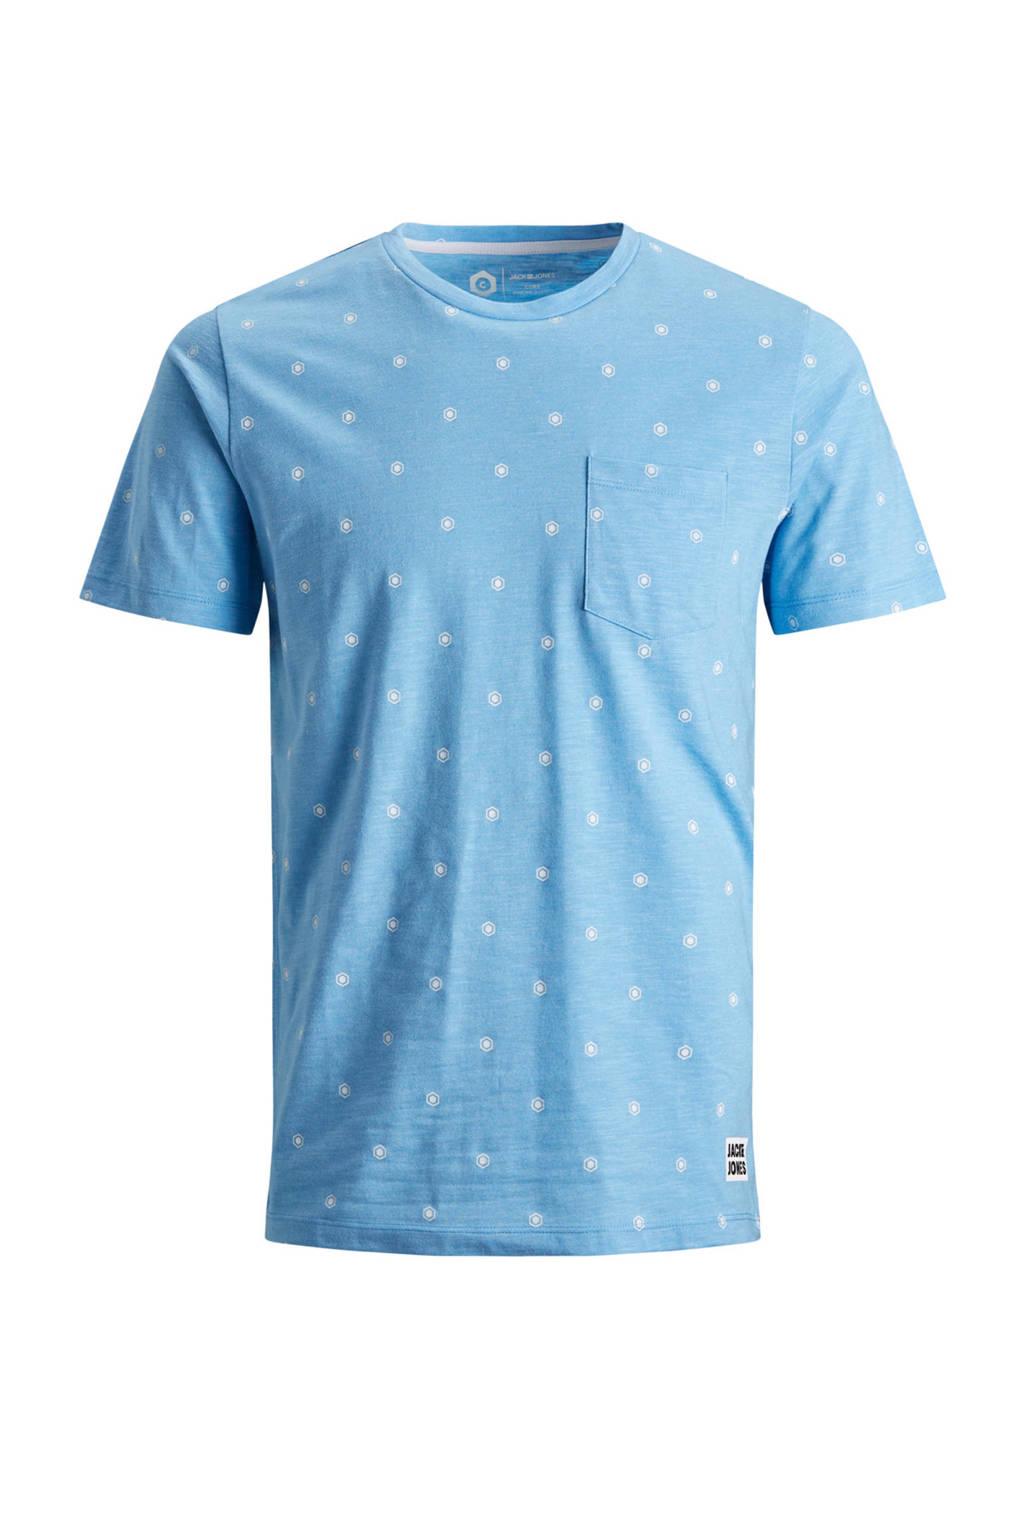 Jack & Jones Core gemêleerd T-shirt met all over print, Blauw